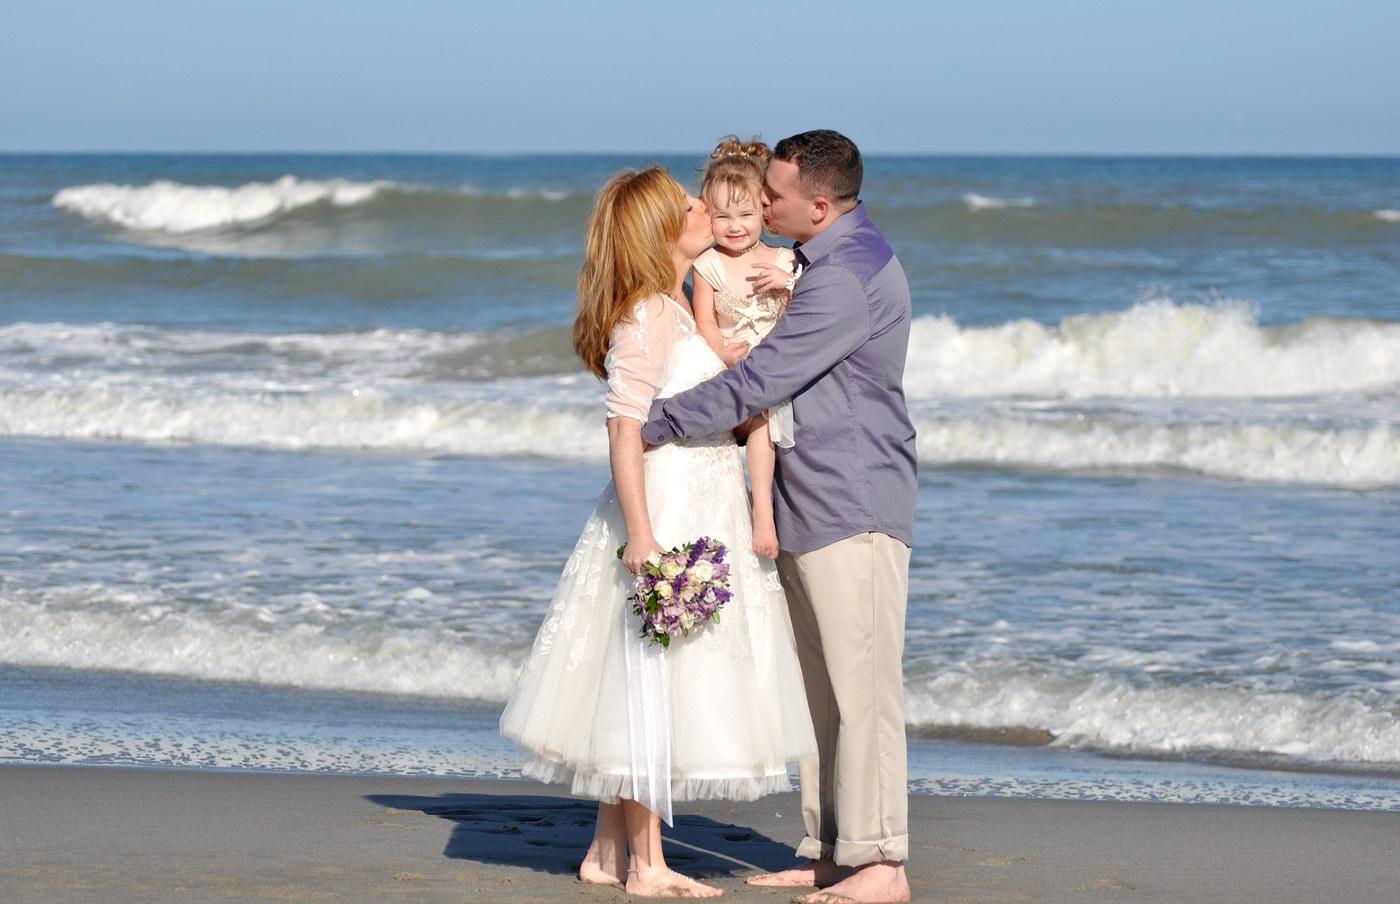 Fotografii artistice de nunta facute pe plaja